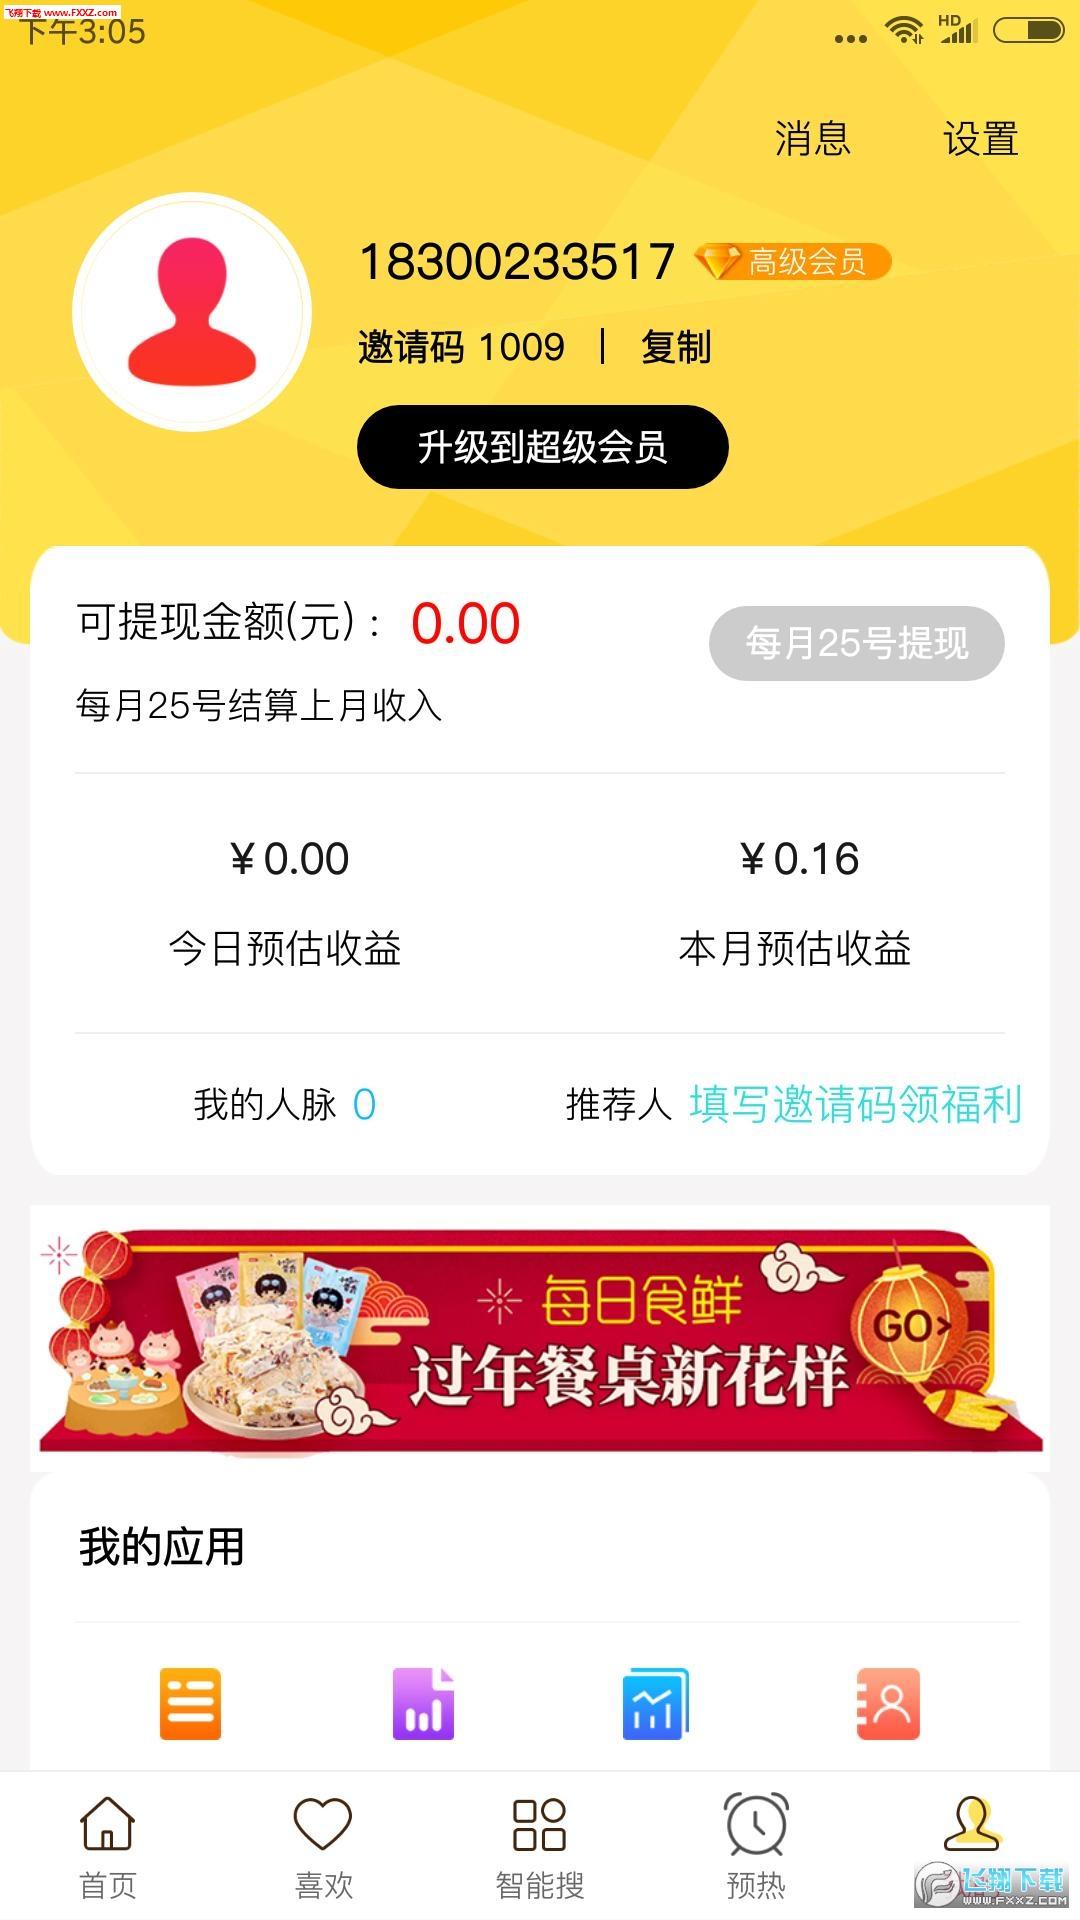 挑剔街app官方版1.4.0截图2